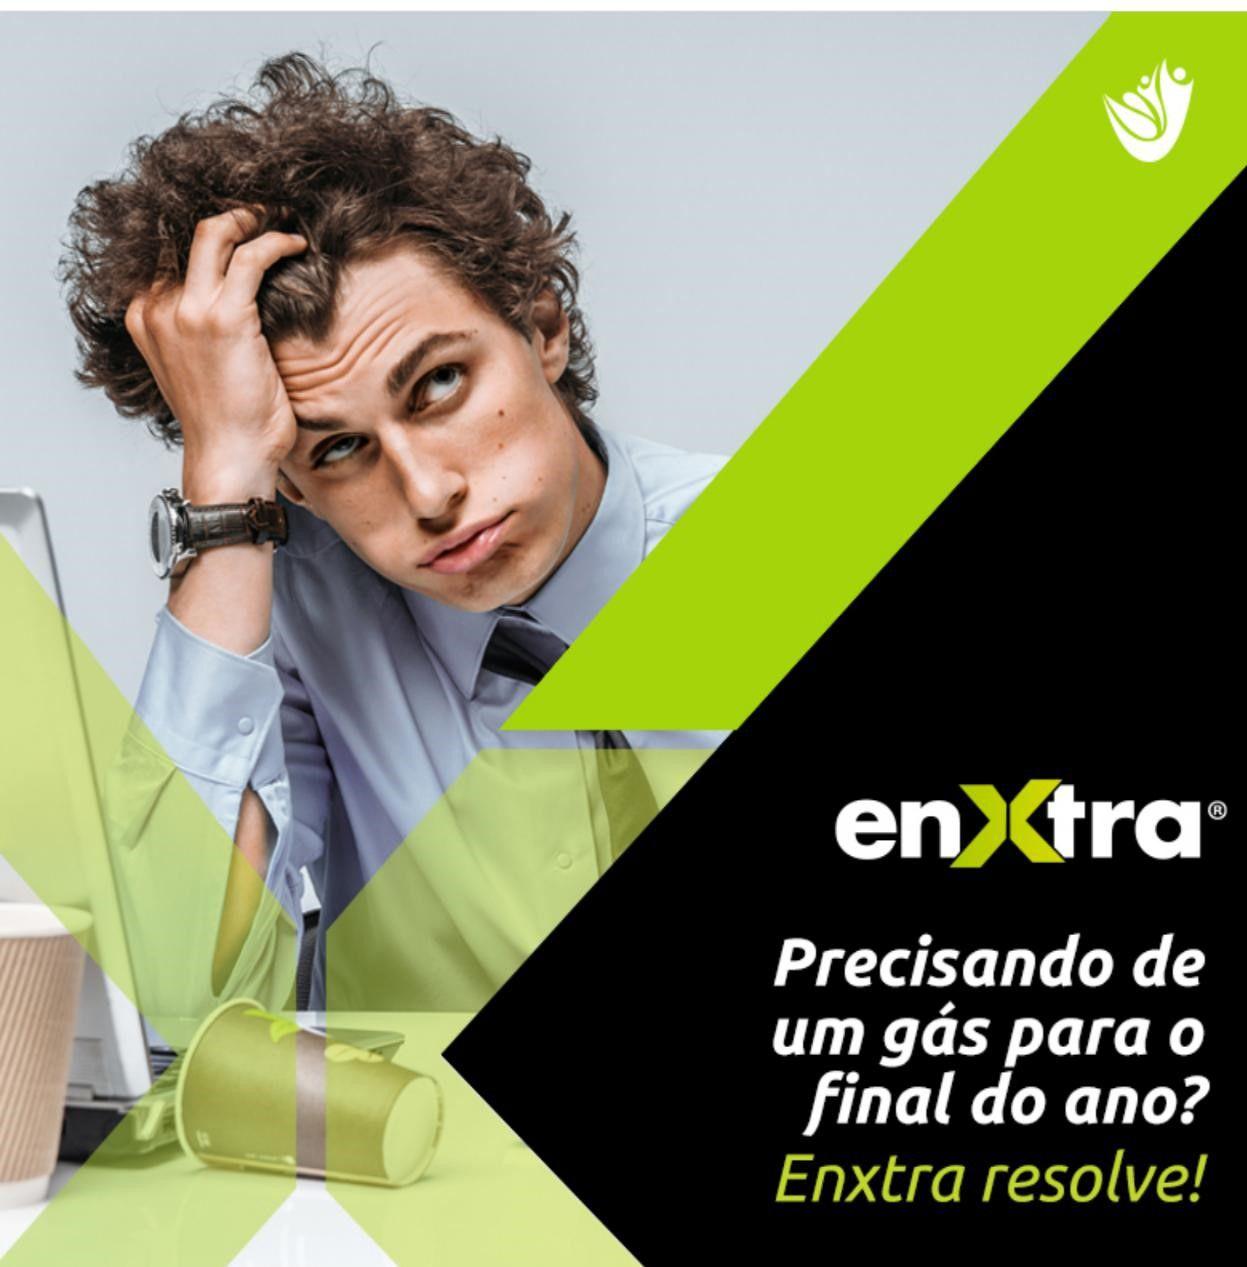 ENXTRA 300mg 30 Cápsulas (amplificador natural da cafeína)